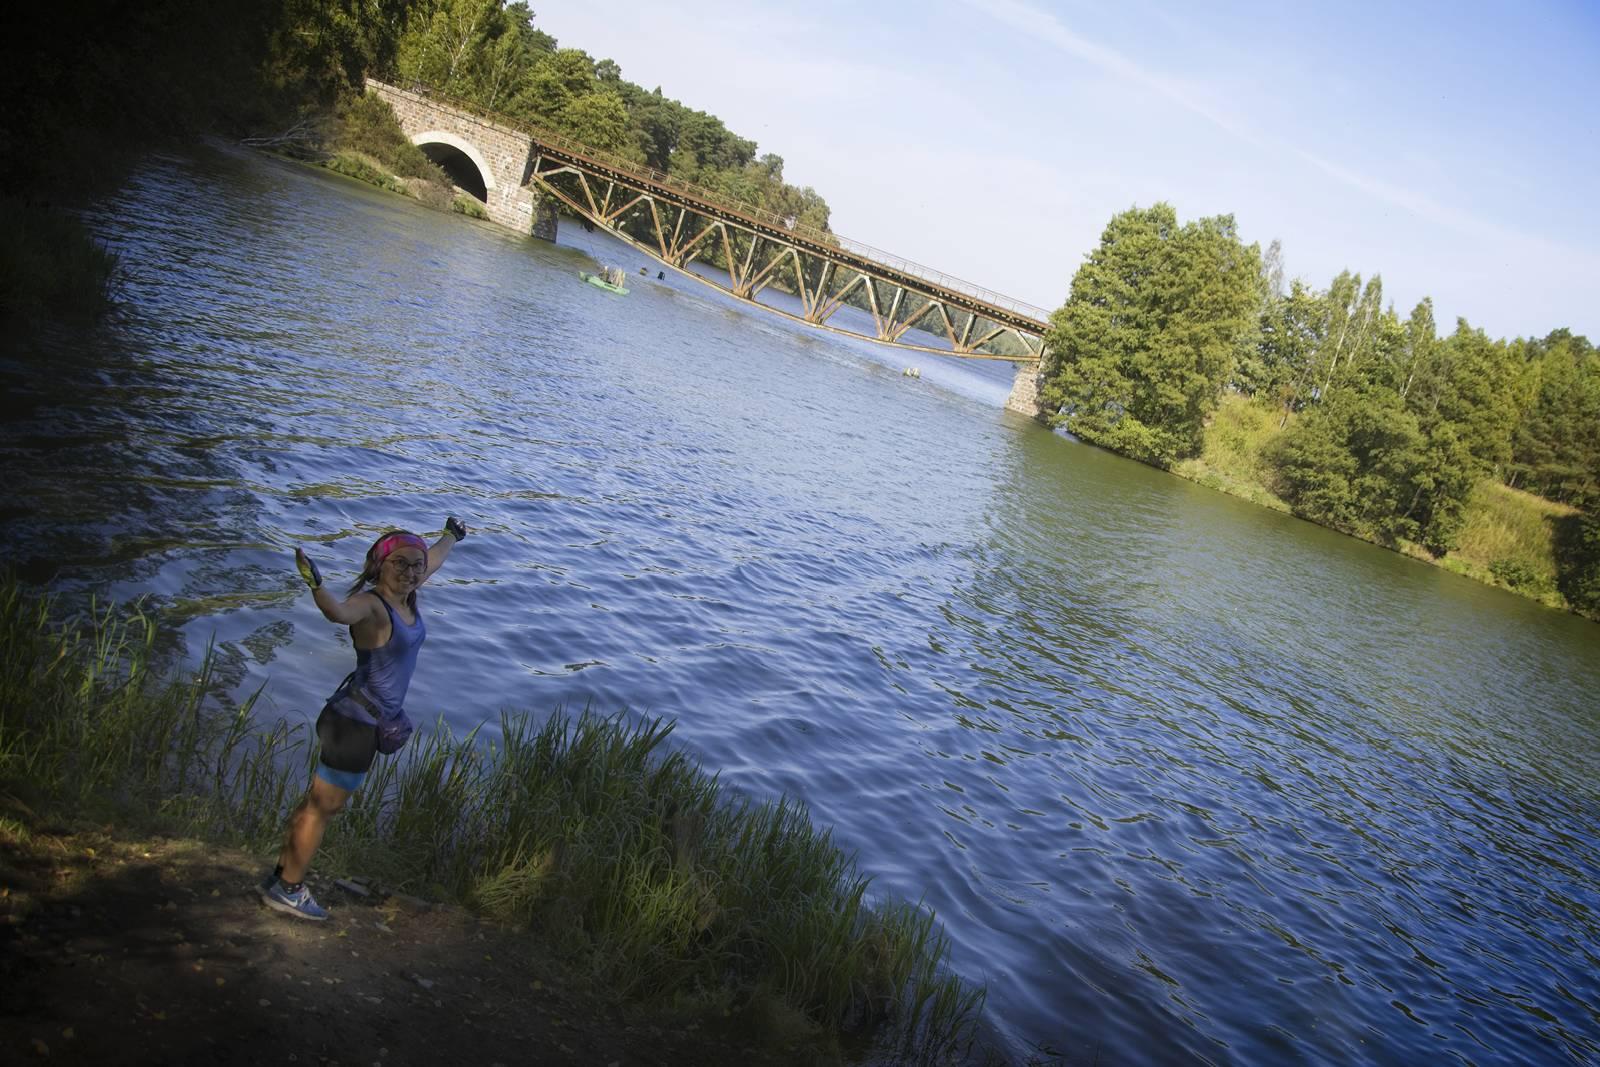 pętla wokół jeziora koronowskiego kladka dla pieszych po starym moscie waskotorowym